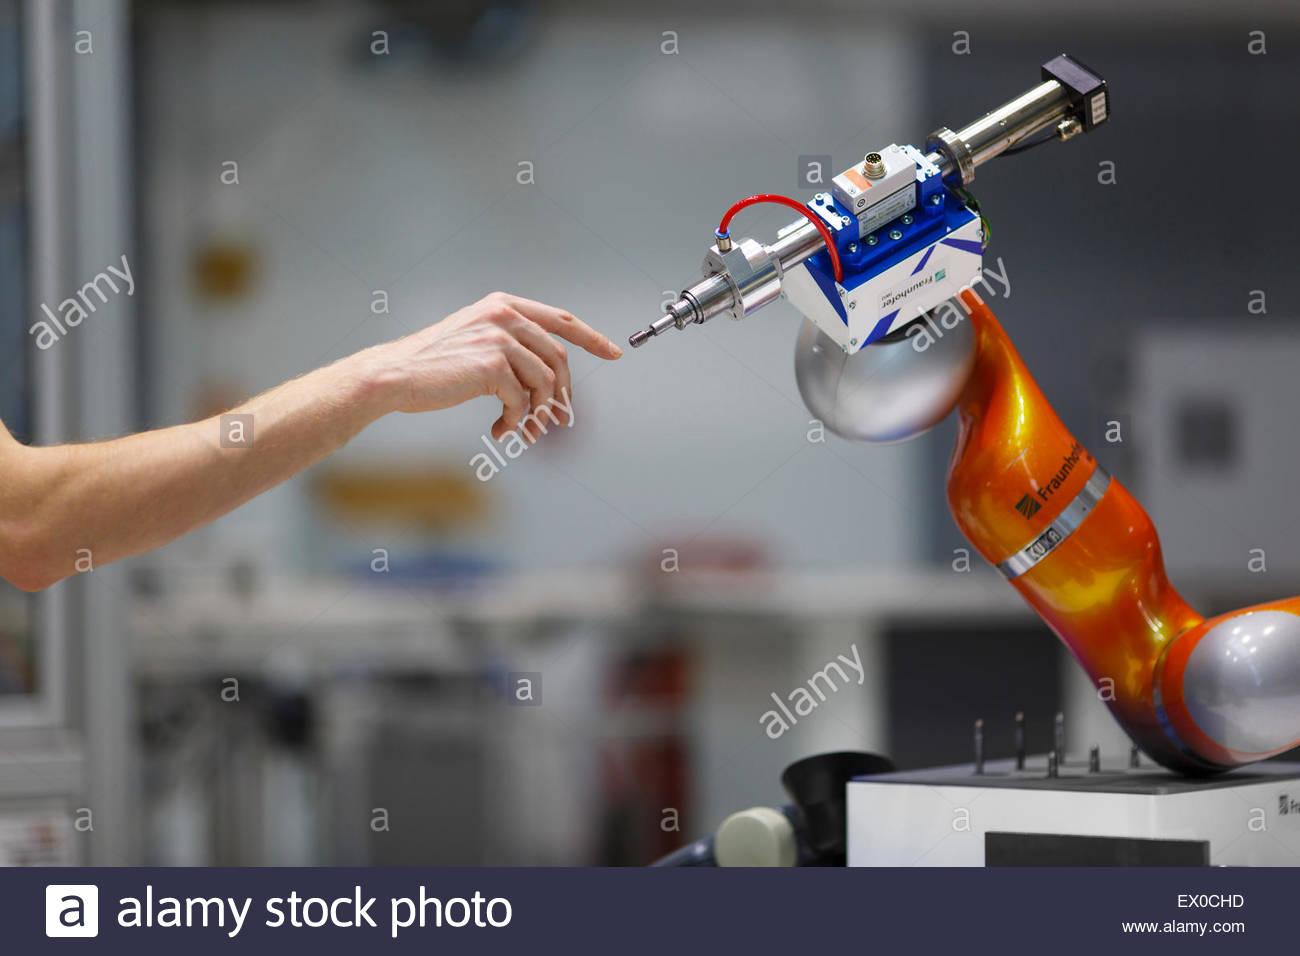 Immagine simbolica sull uomo - macchina - cooperazione Immagini Stock